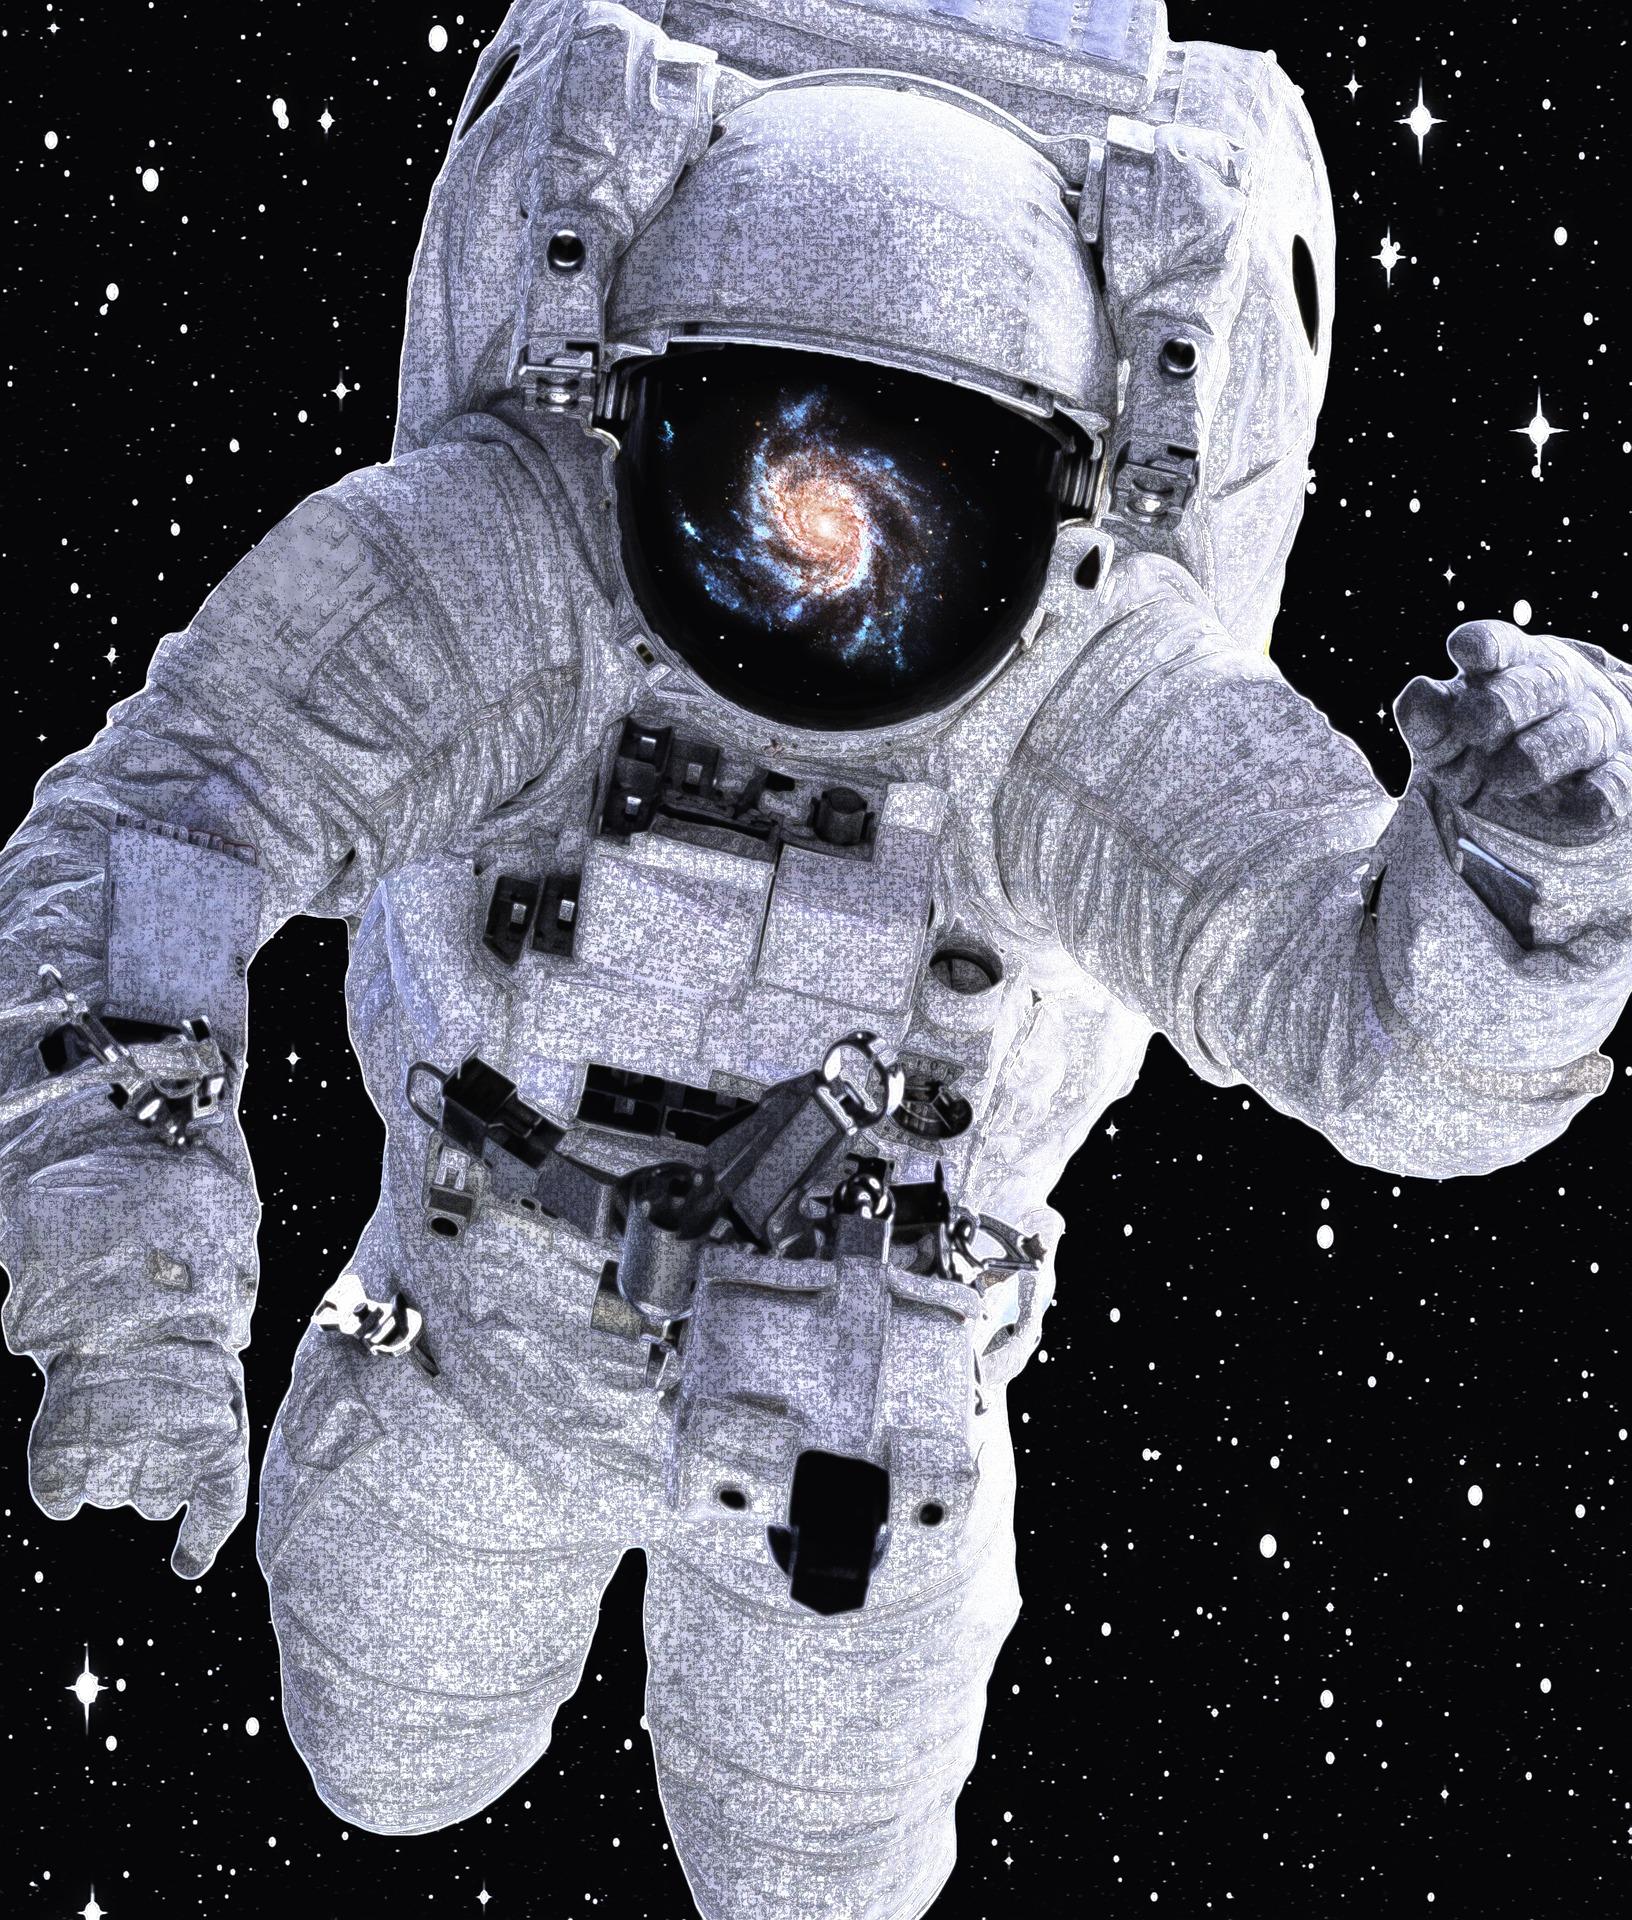 L'impact de la conquête spatiale d'aujourd'hui sur le monde de demain